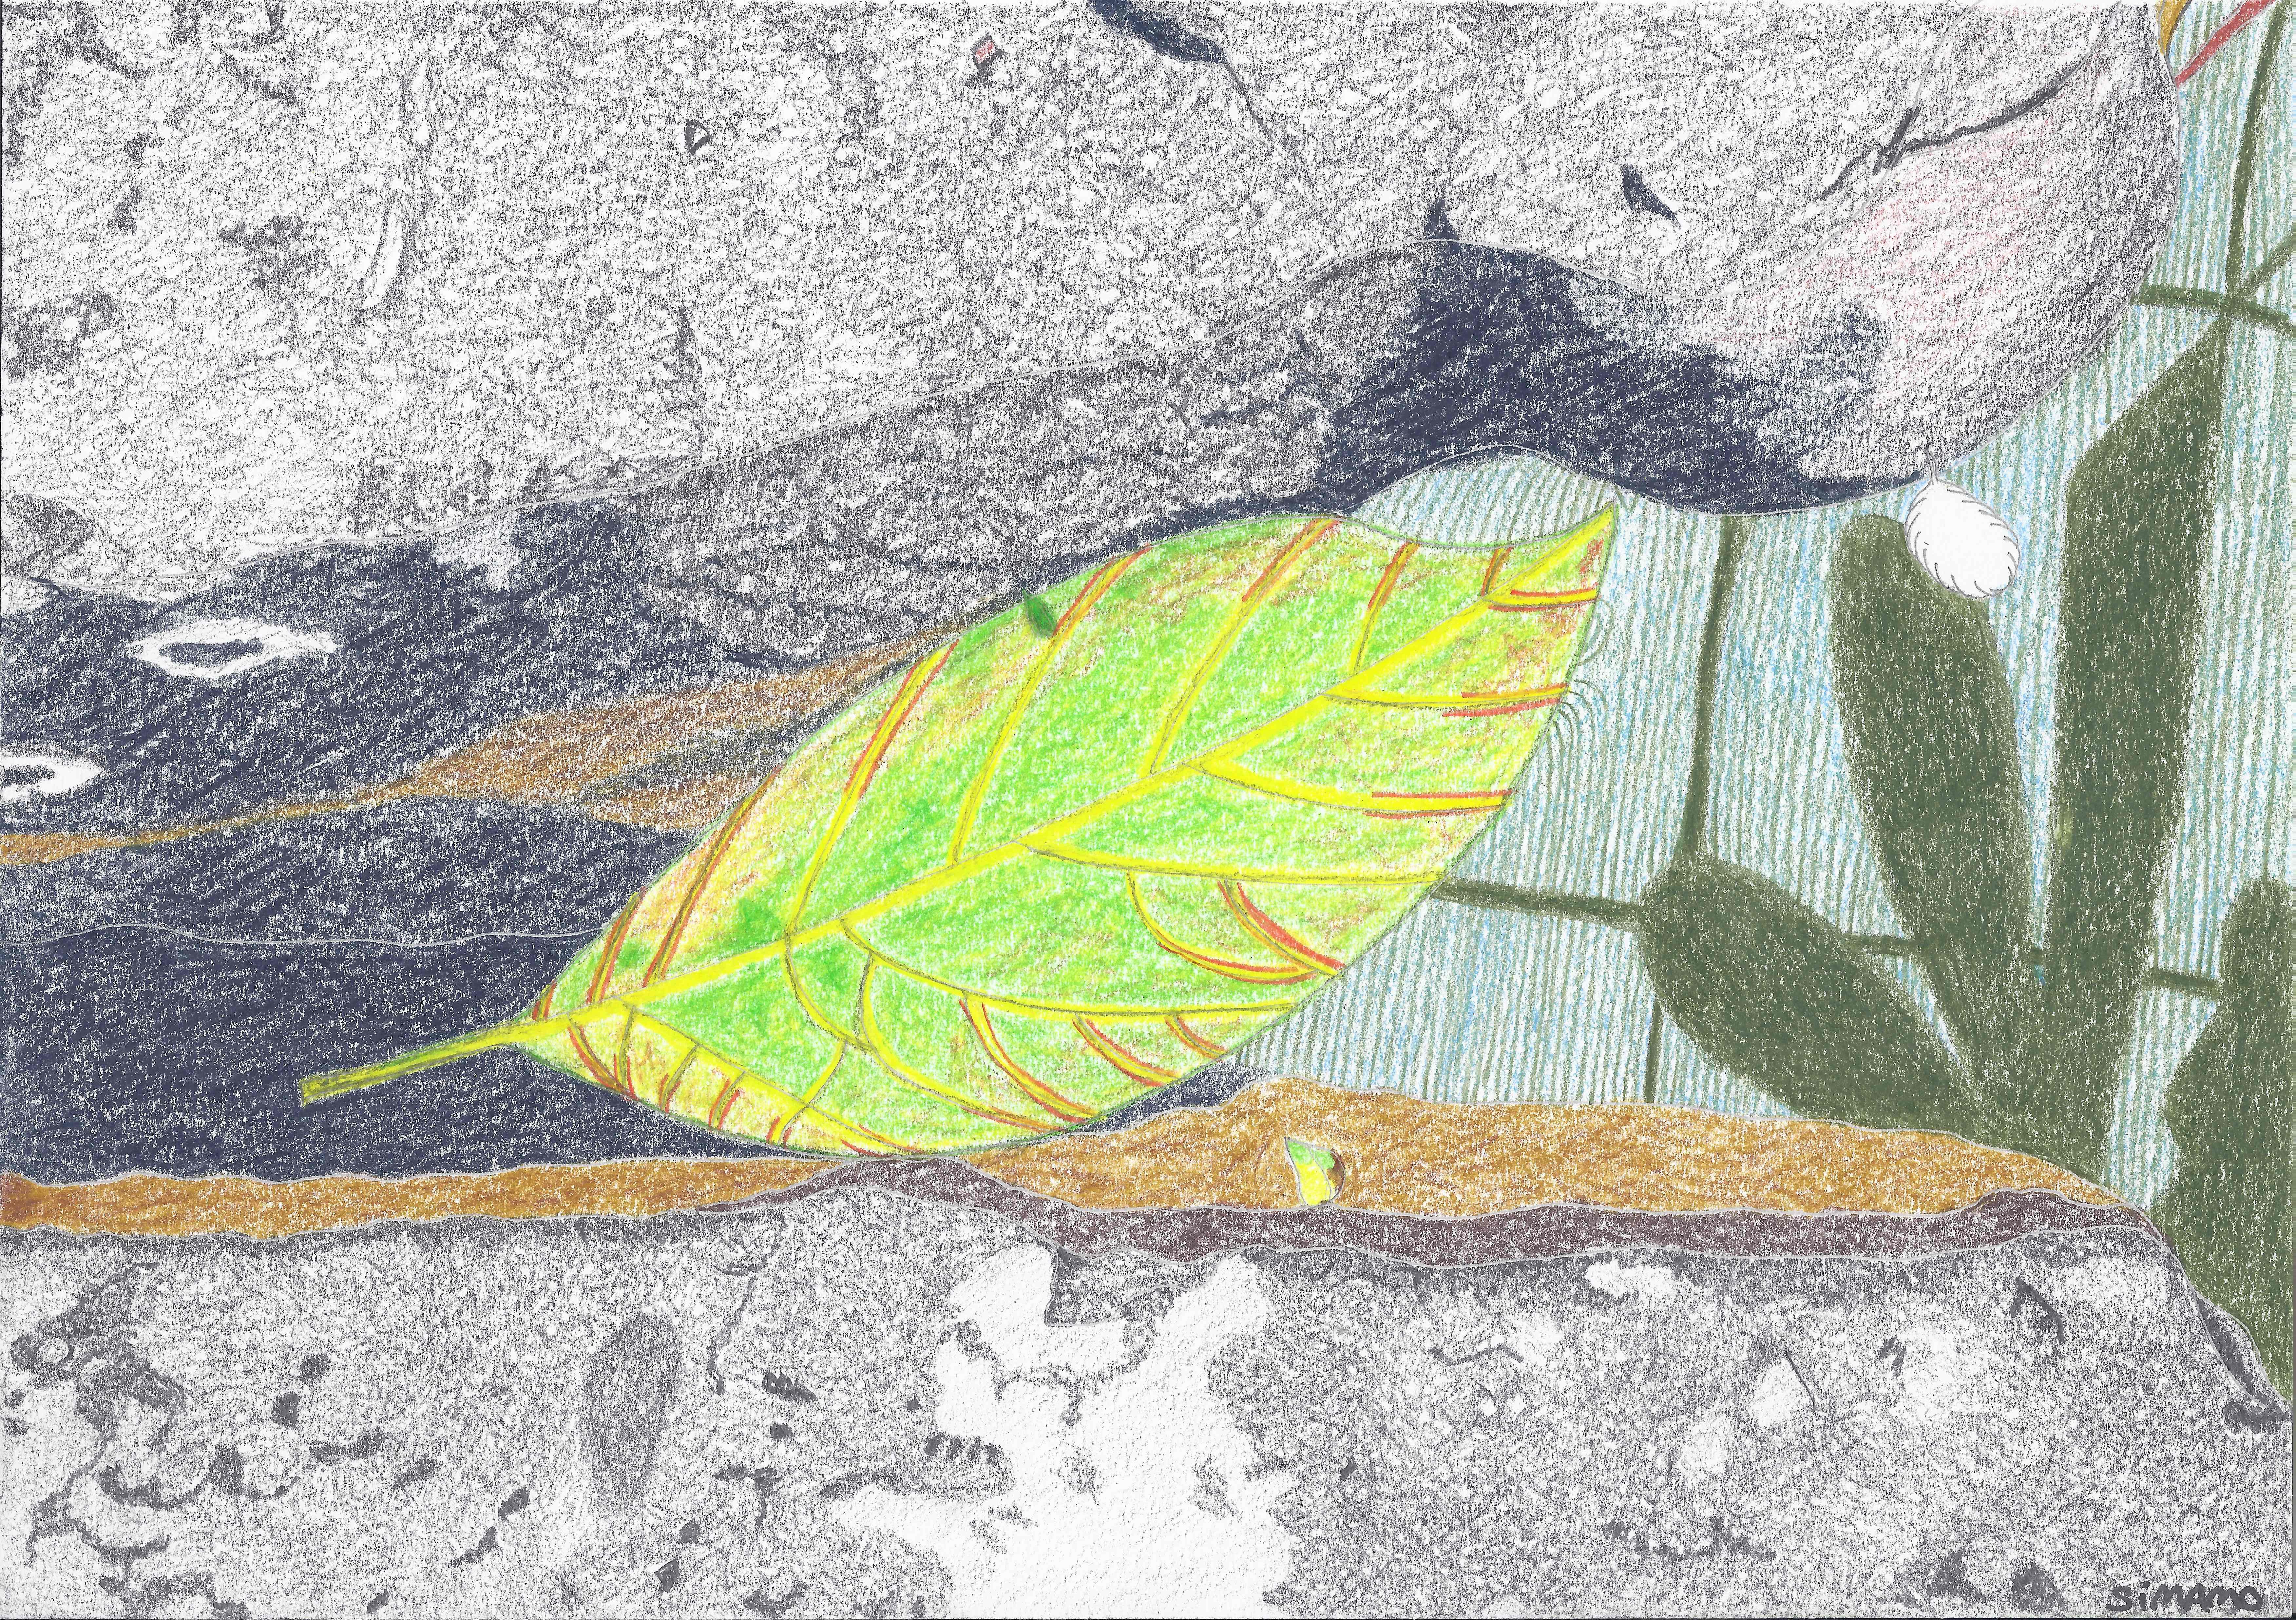 Botanicus_05_21